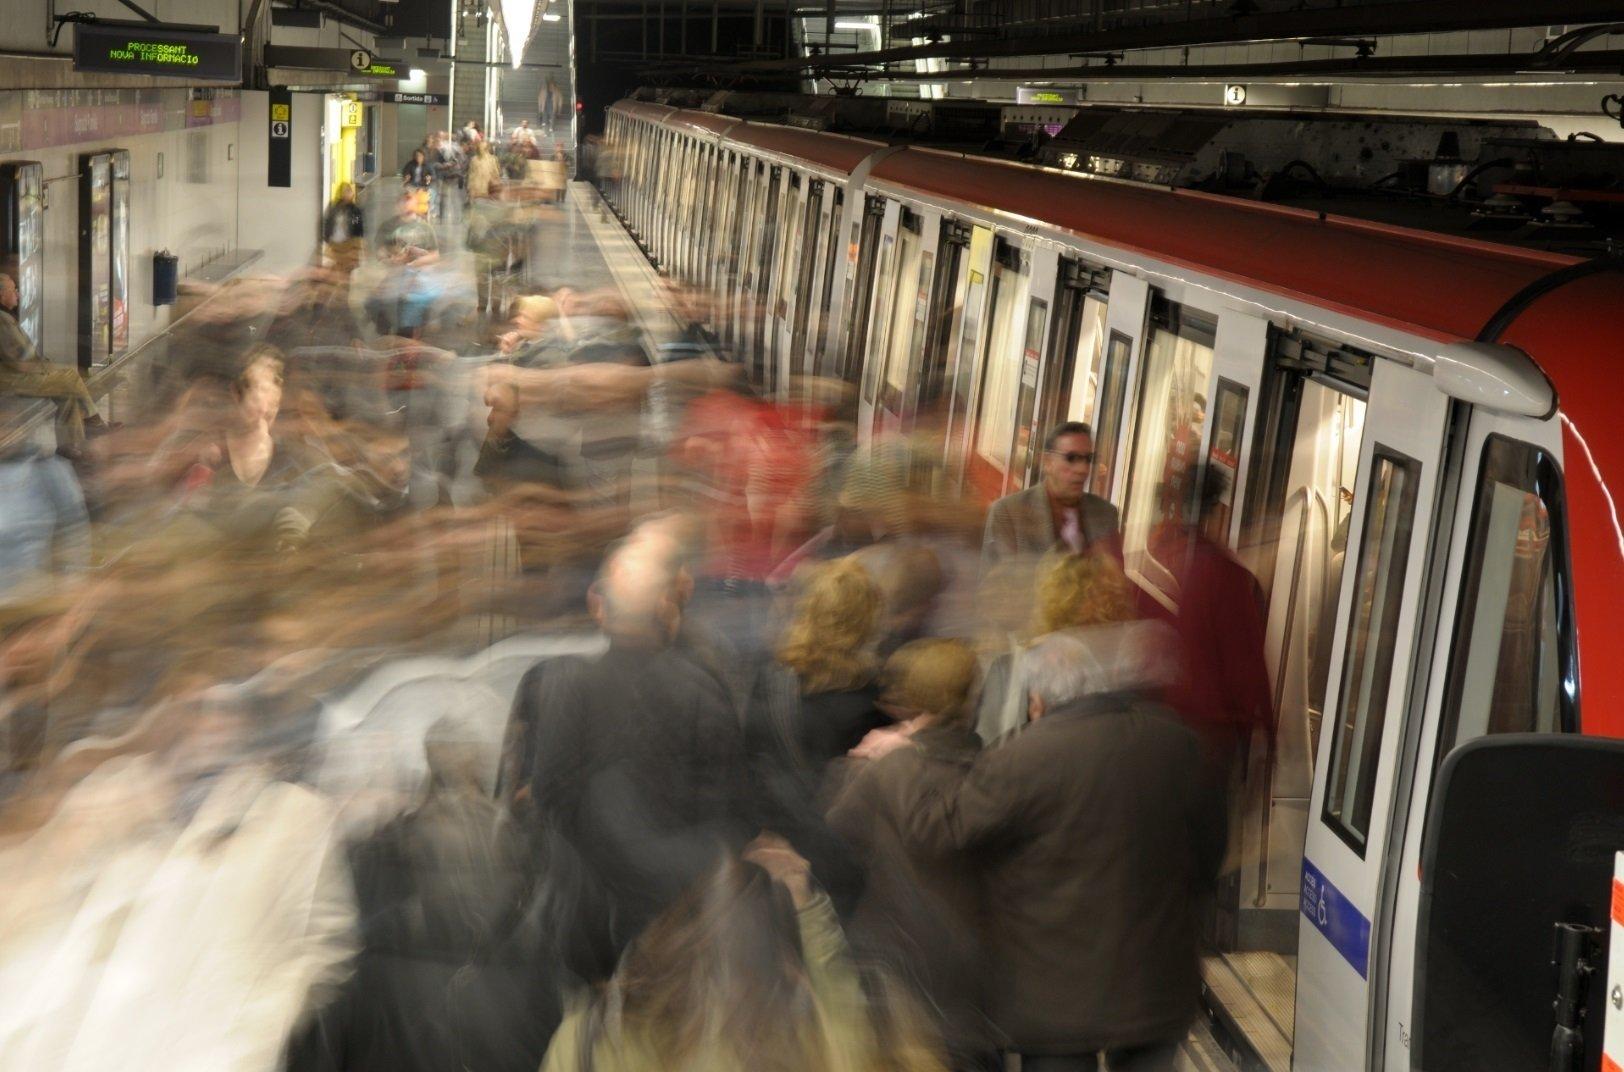 vaga metro europa press